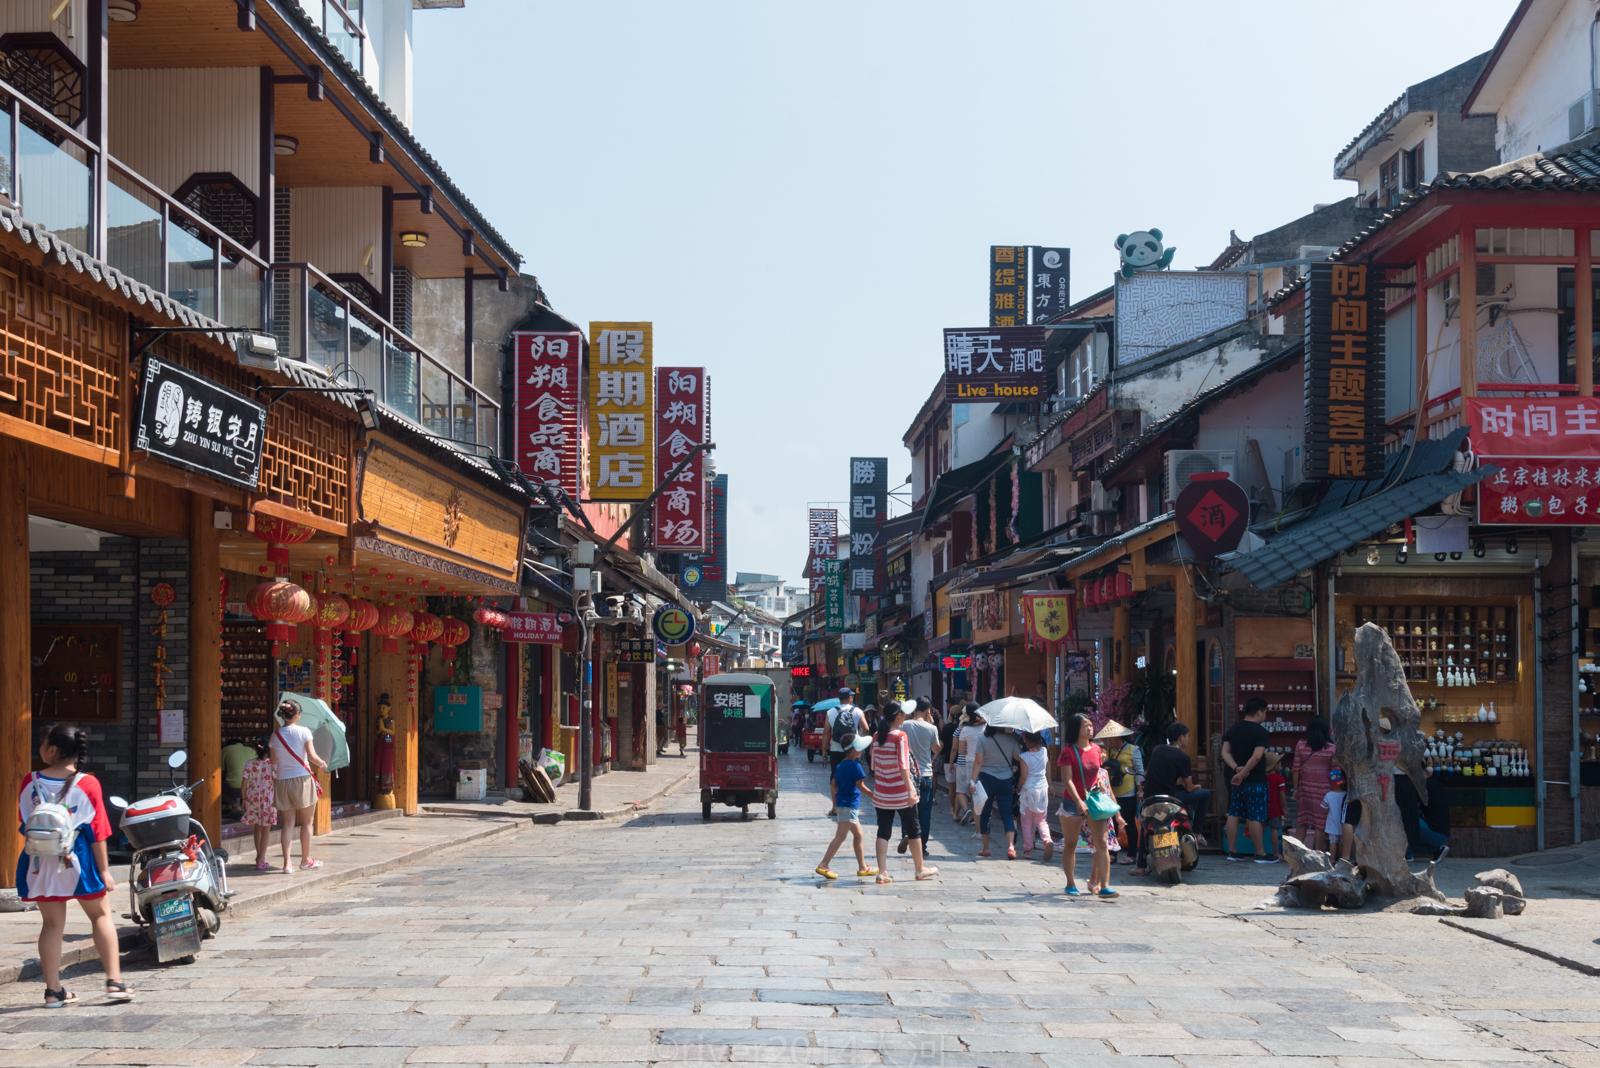 阳朔这条古街已有1400多年,每年有10多万老外慕名而来